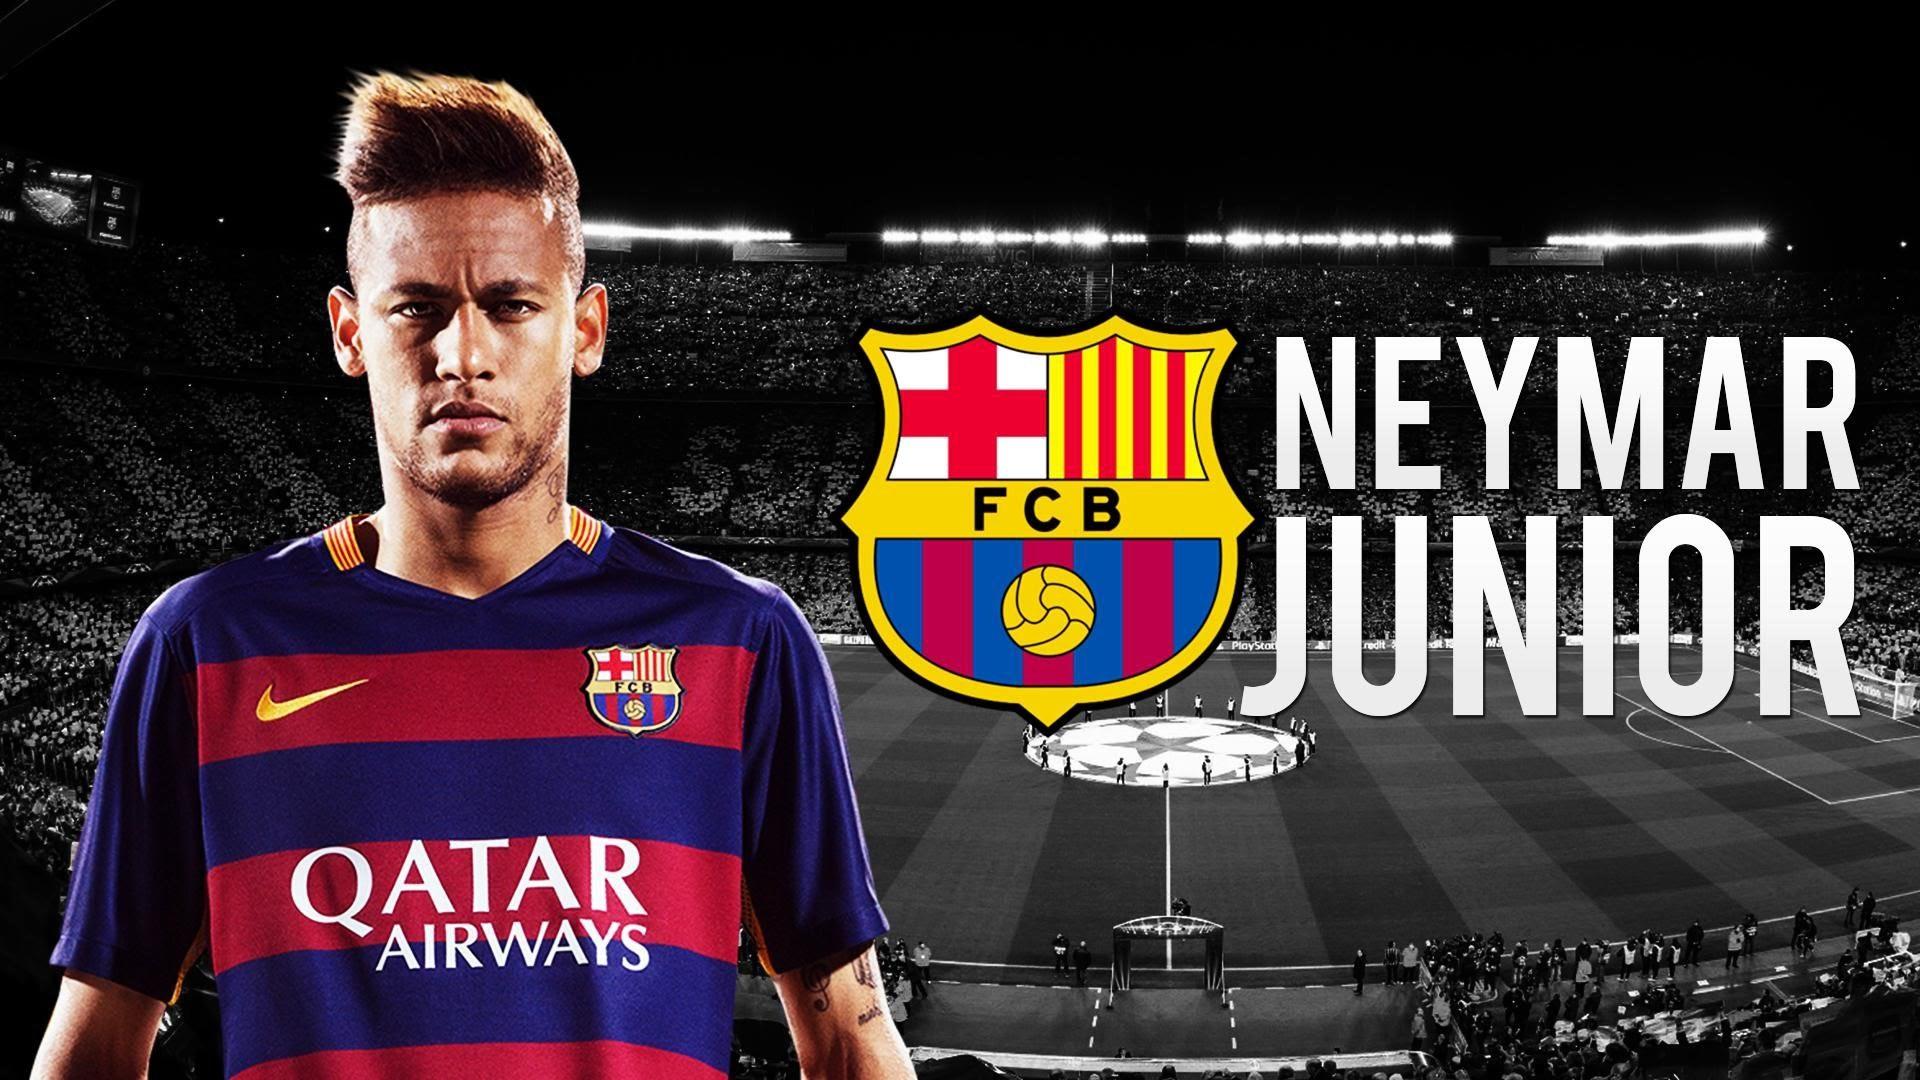 Neymar Background